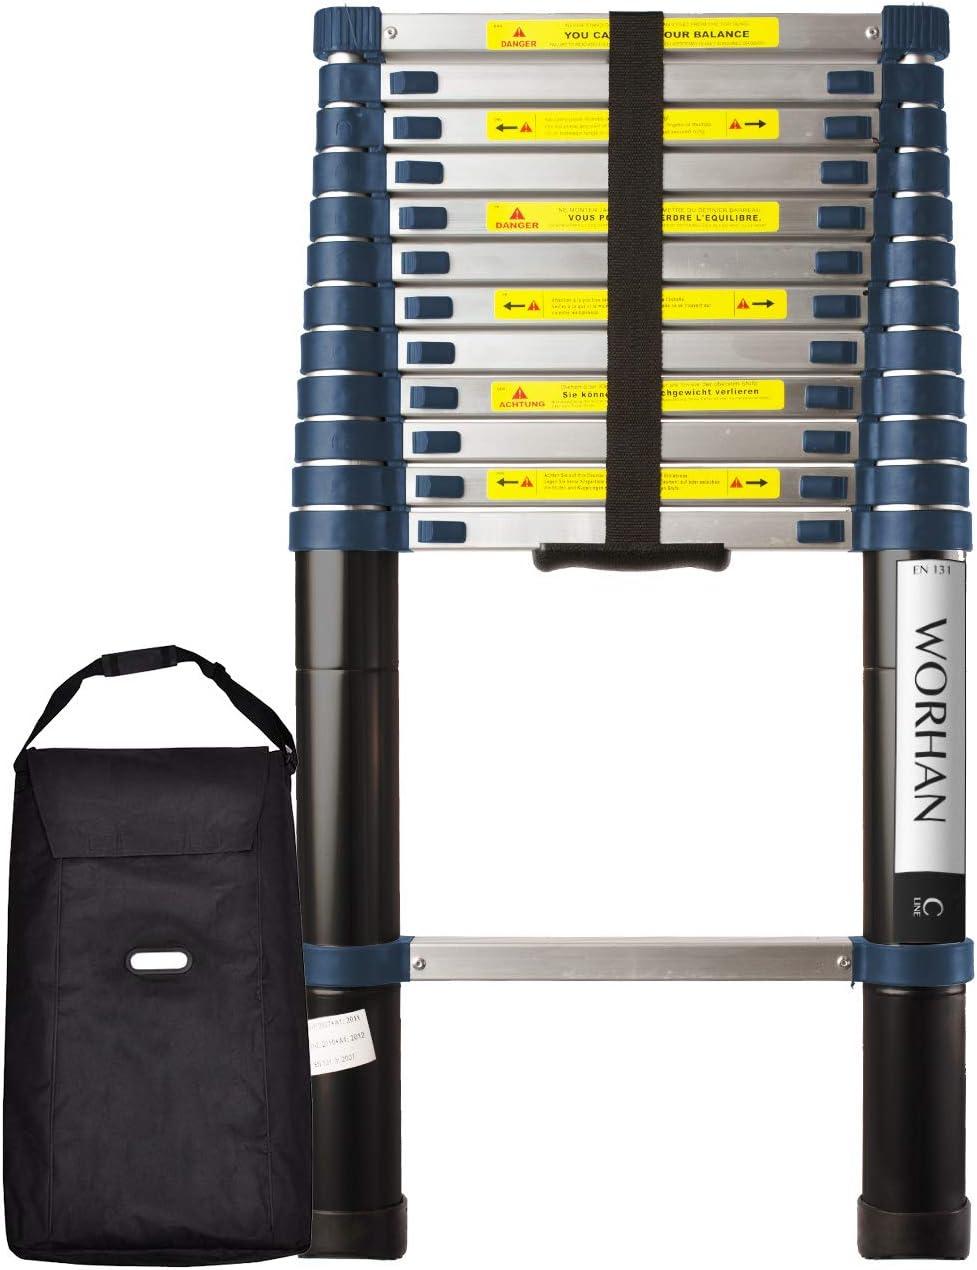 WORHAN® 3.8m Escalera Telescopica PRO Multiuso Aluminio Anodizado Calidad Alta 380cm (.3.8m C-line & bolsa) 1K3.8C+bag: Amazon.es: Bricolaje y herramientas